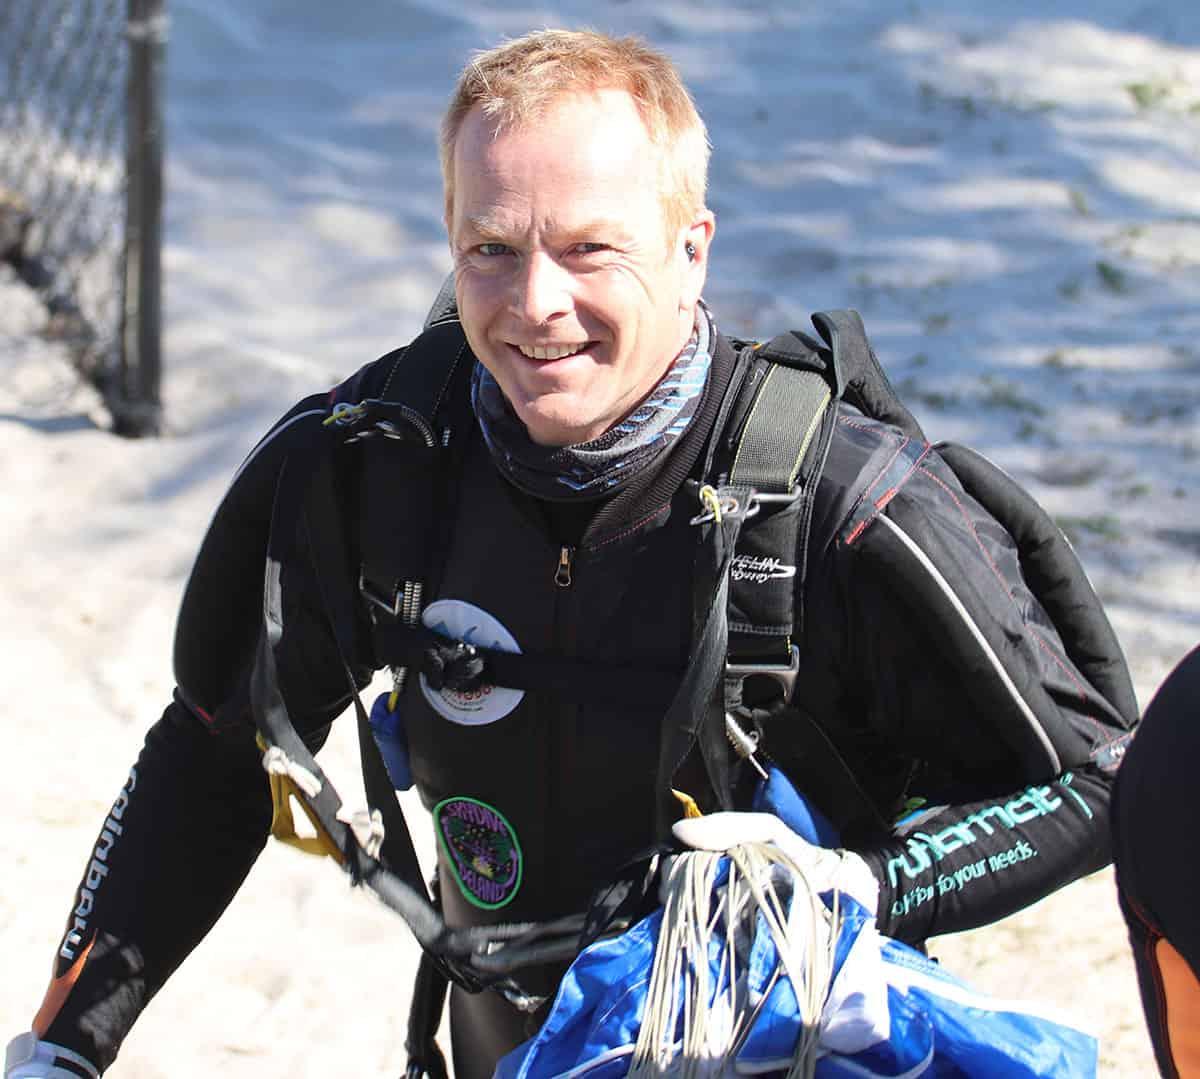 Chris Wirth nach der Landung und guter Laune auf zum nächsten Sprung